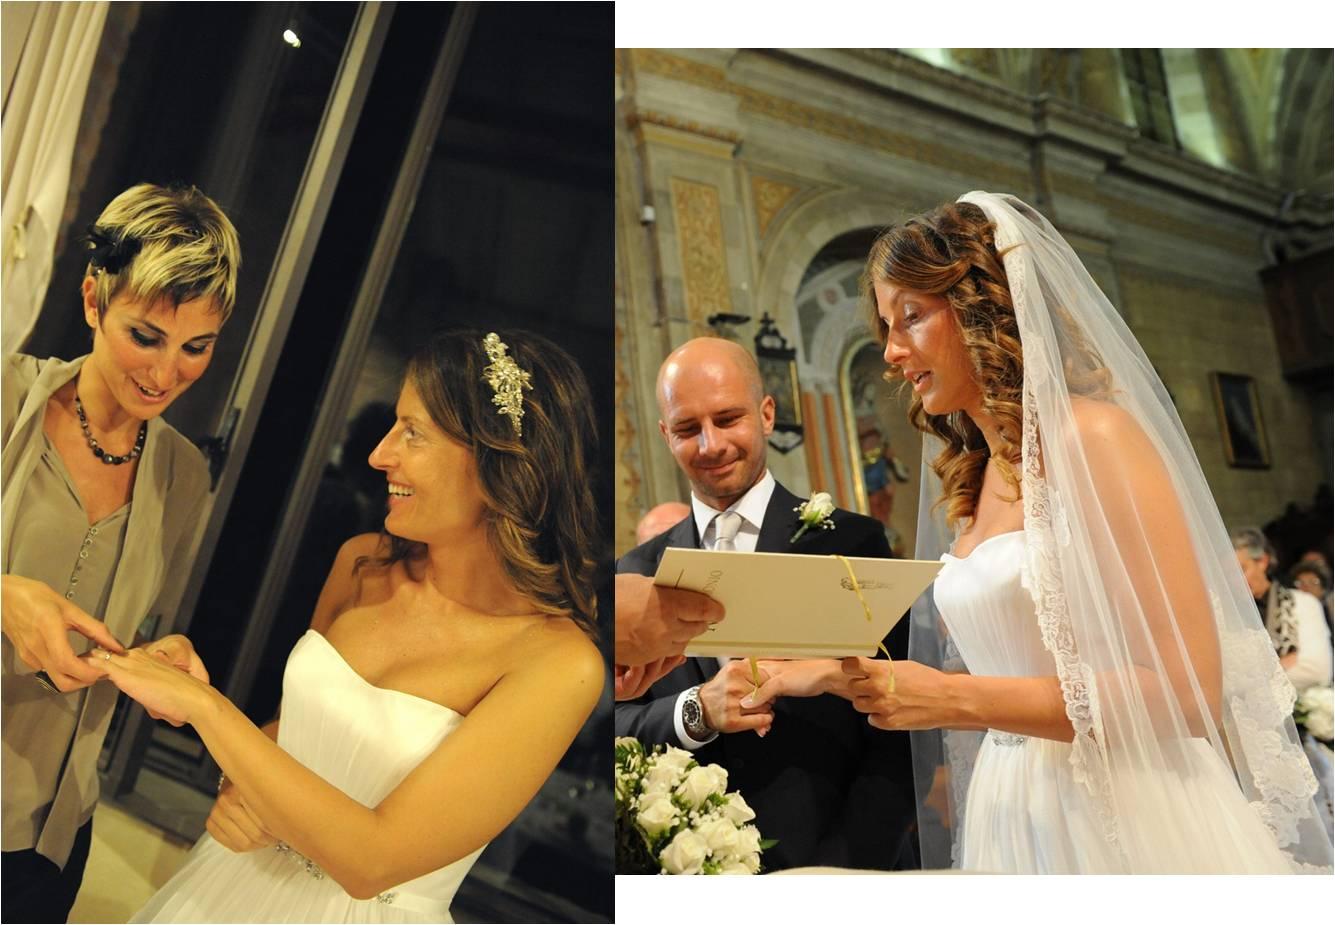 Jenny testa wedding